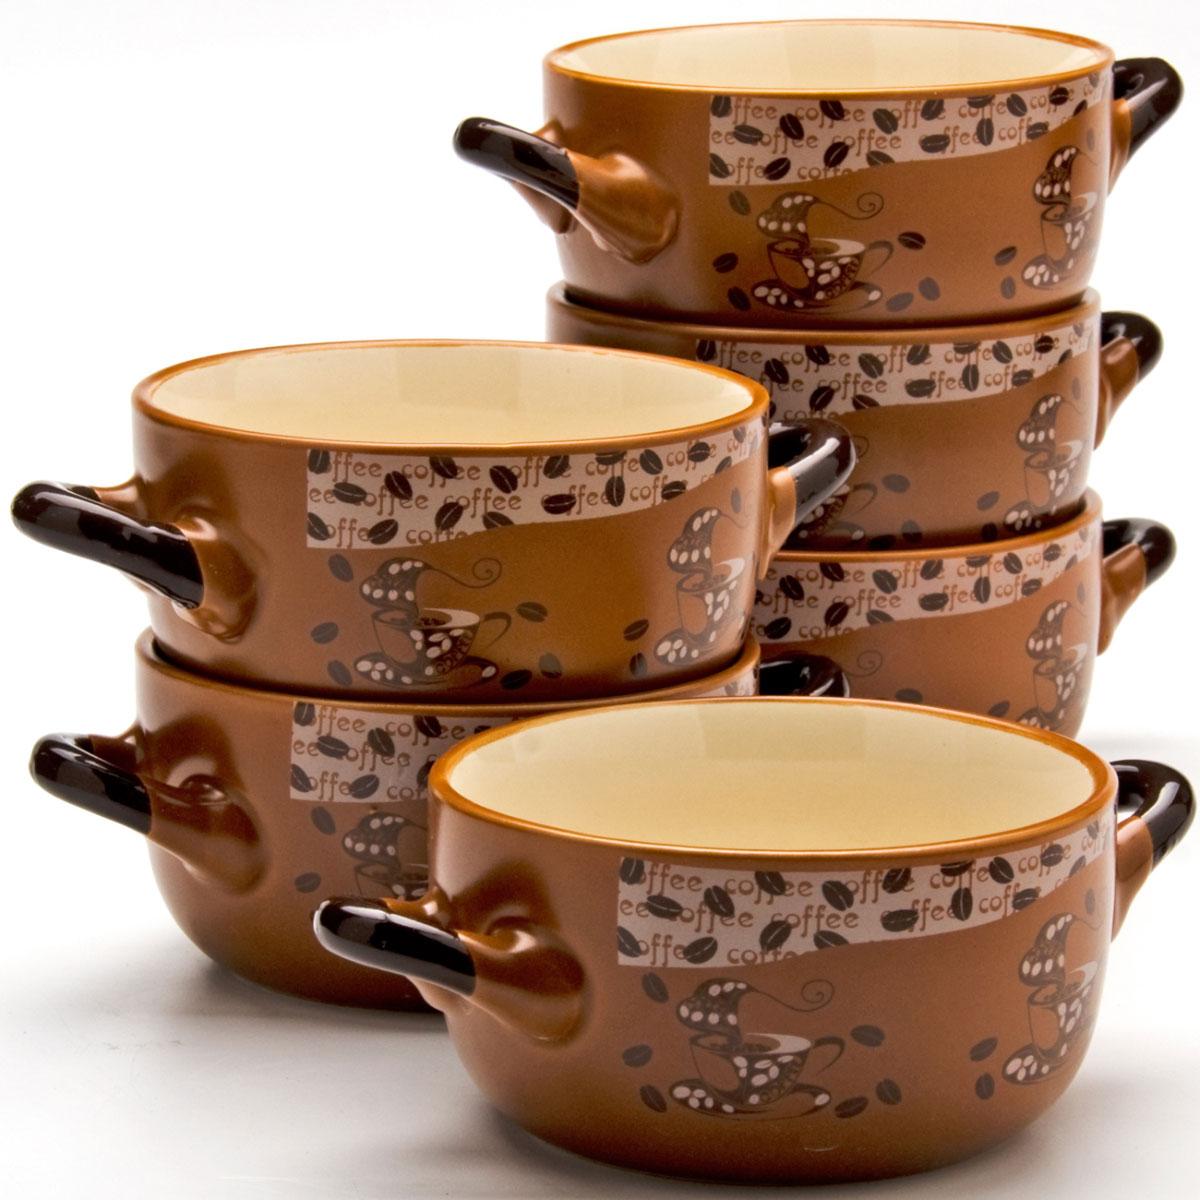 Набор супниц Loraine, 380 мл, 6 предметов. 2354623546Каждая хозяйка знает – красивое должно быть и удобным, ведь в первую очередь на кухне важна функциональность. Набор состоит из 6-х керамических супниц. Керамика обладает термической и химической прочностью, поэтому супницы прослужат Вам по-настоящему долго. Набор супниц шоколадного цвета приятно задекорирован светлыми,нежными тонами, создаст на кухне атмосферу уюта. Благодаря своей форме, супницы и подставку легко мыть как вручную, так и в посудомоечной машинке, а компактный размер набора позволит удобно хранить его на любой кухне.